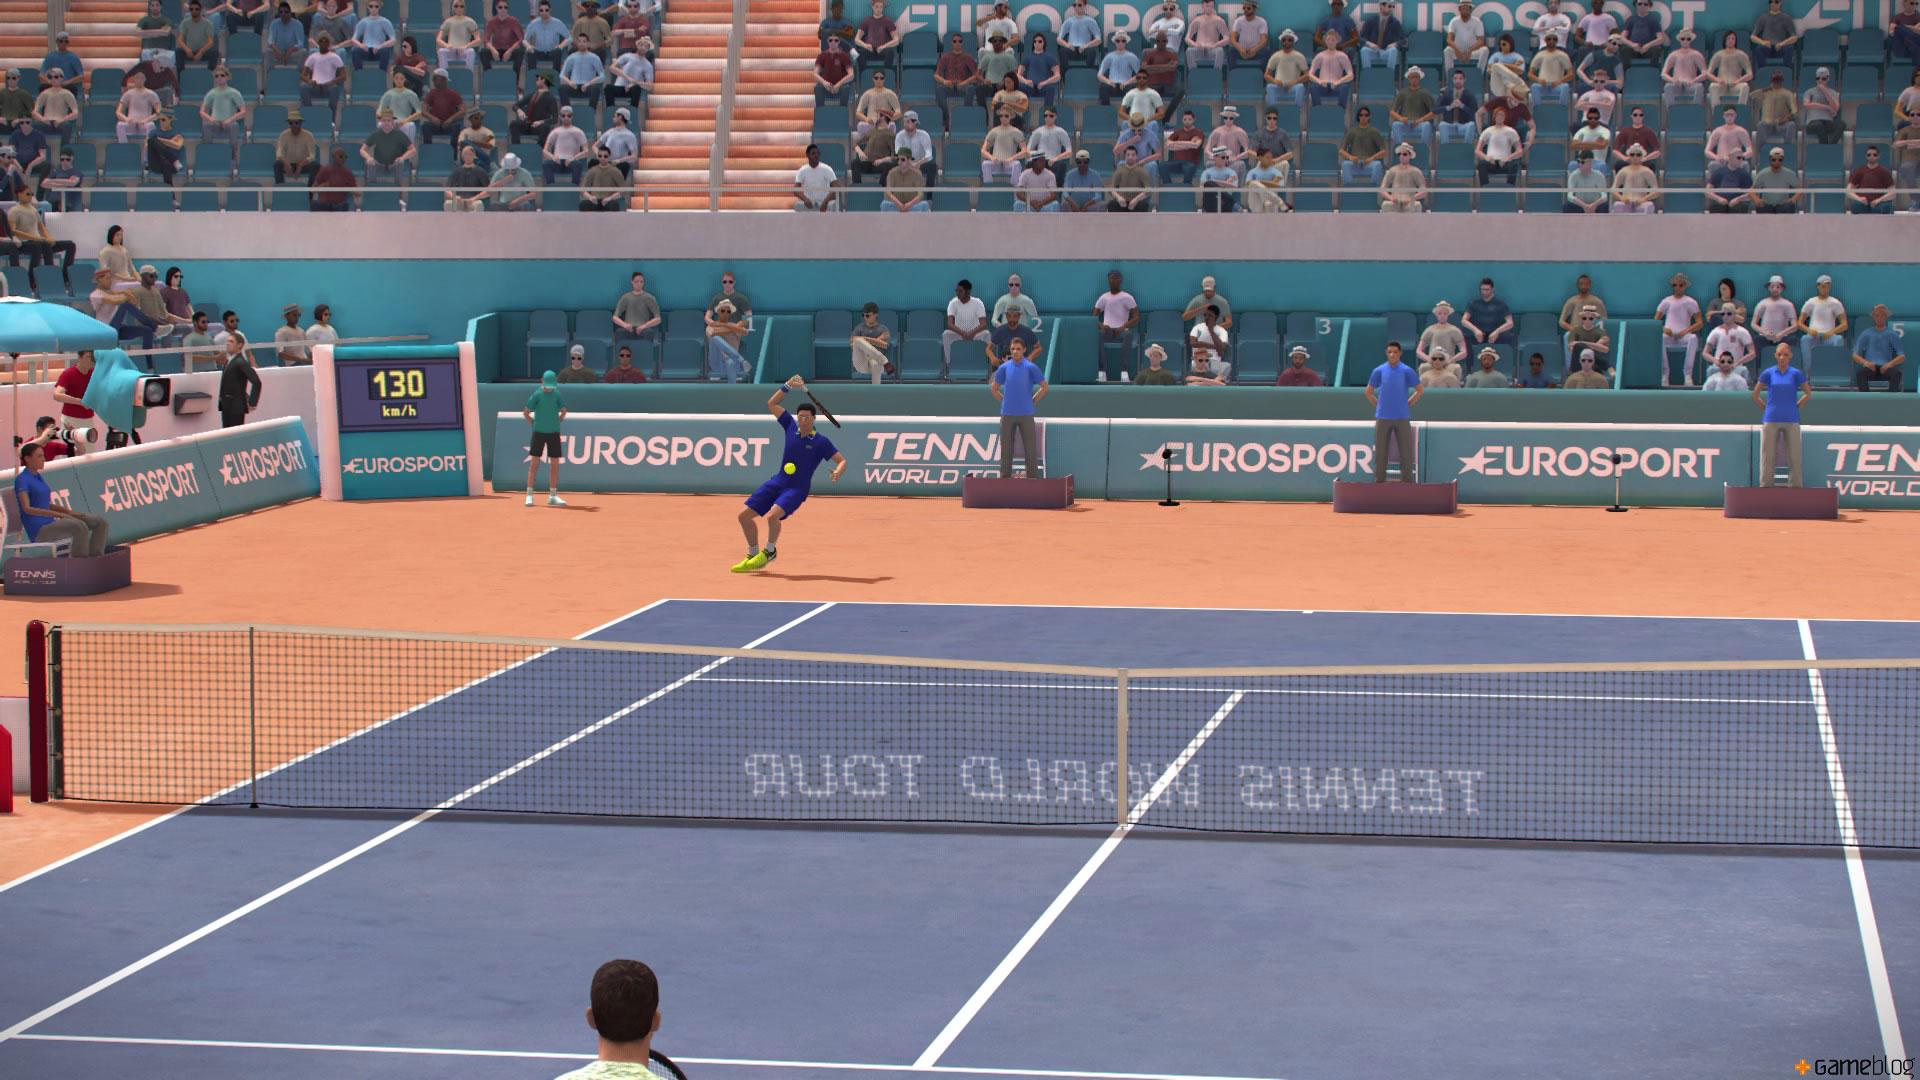 TennisWorldTour PS4 Test 011